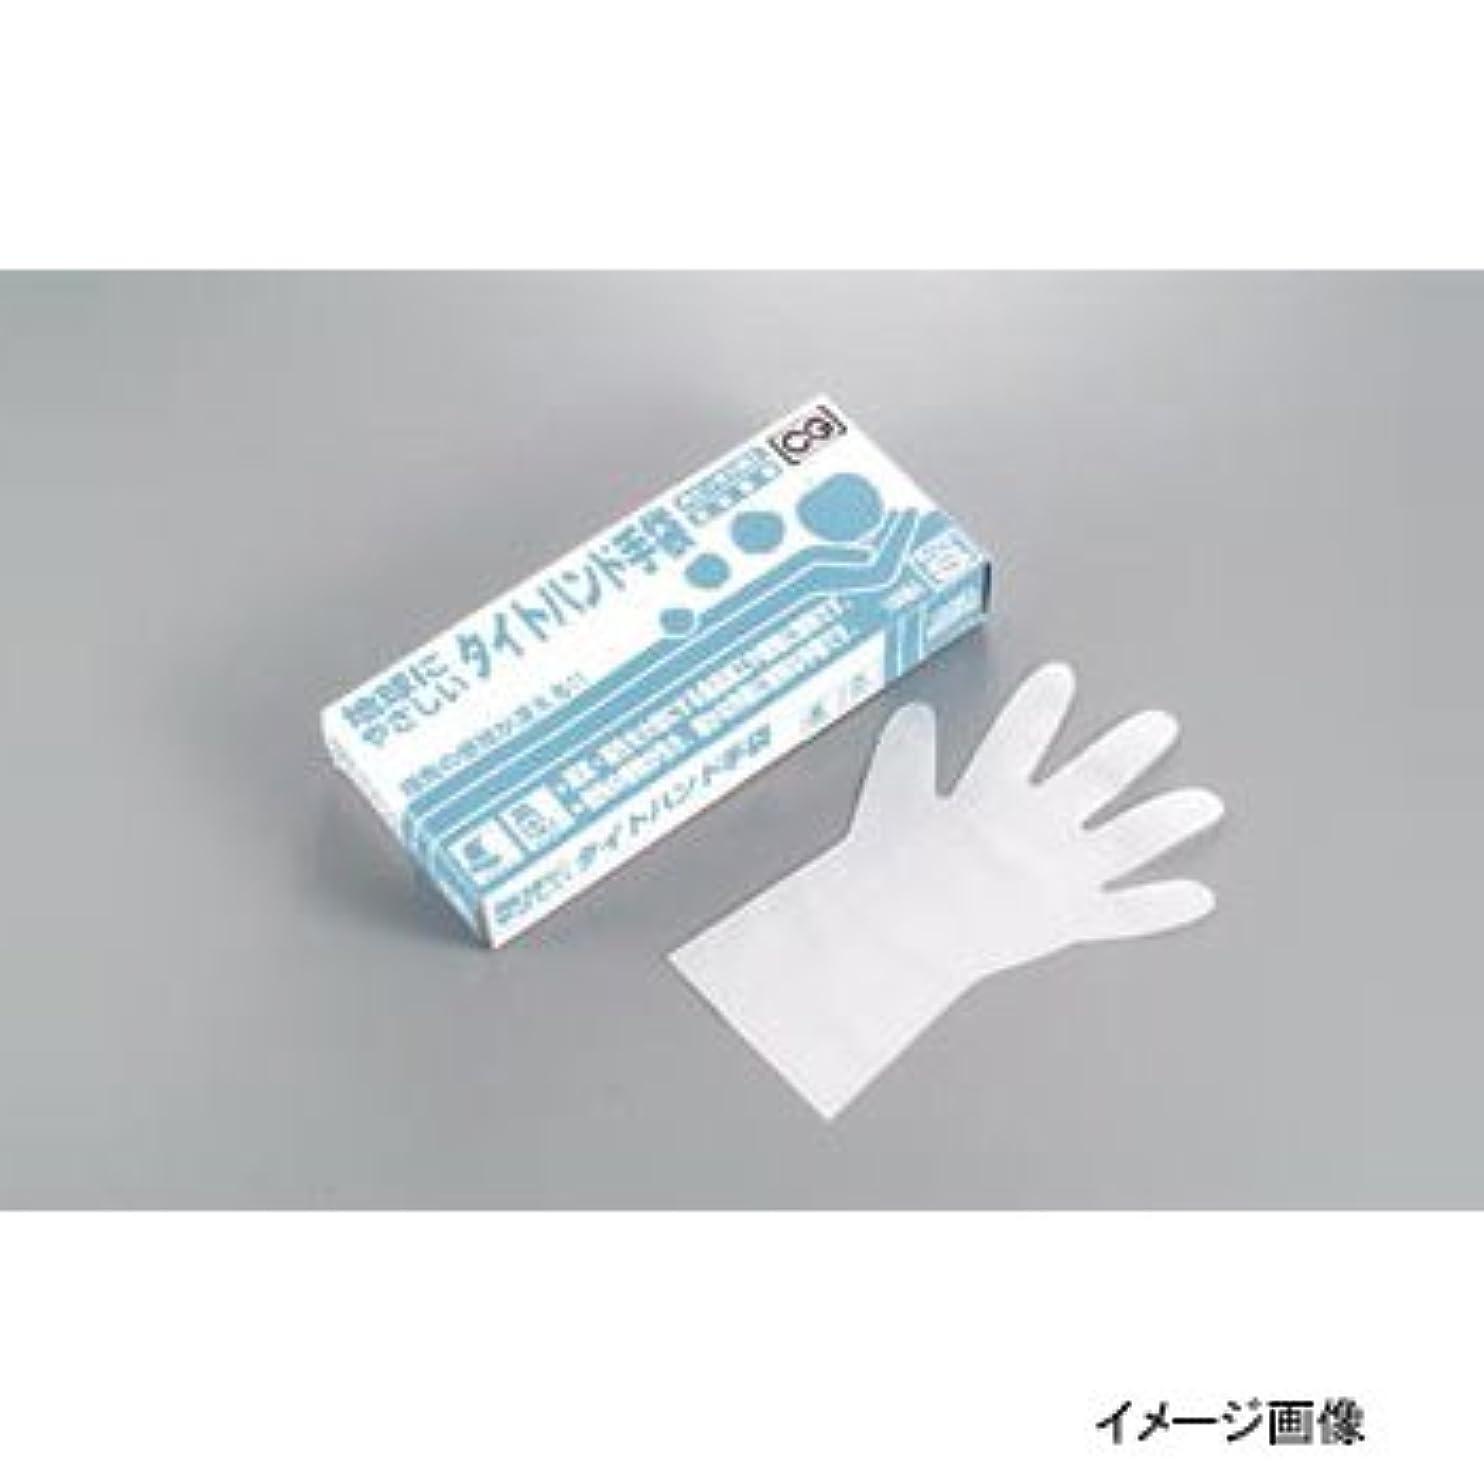 中に大砲地味なシンガータイト ハンド手袋 ブルー箱入 L (100枚入)